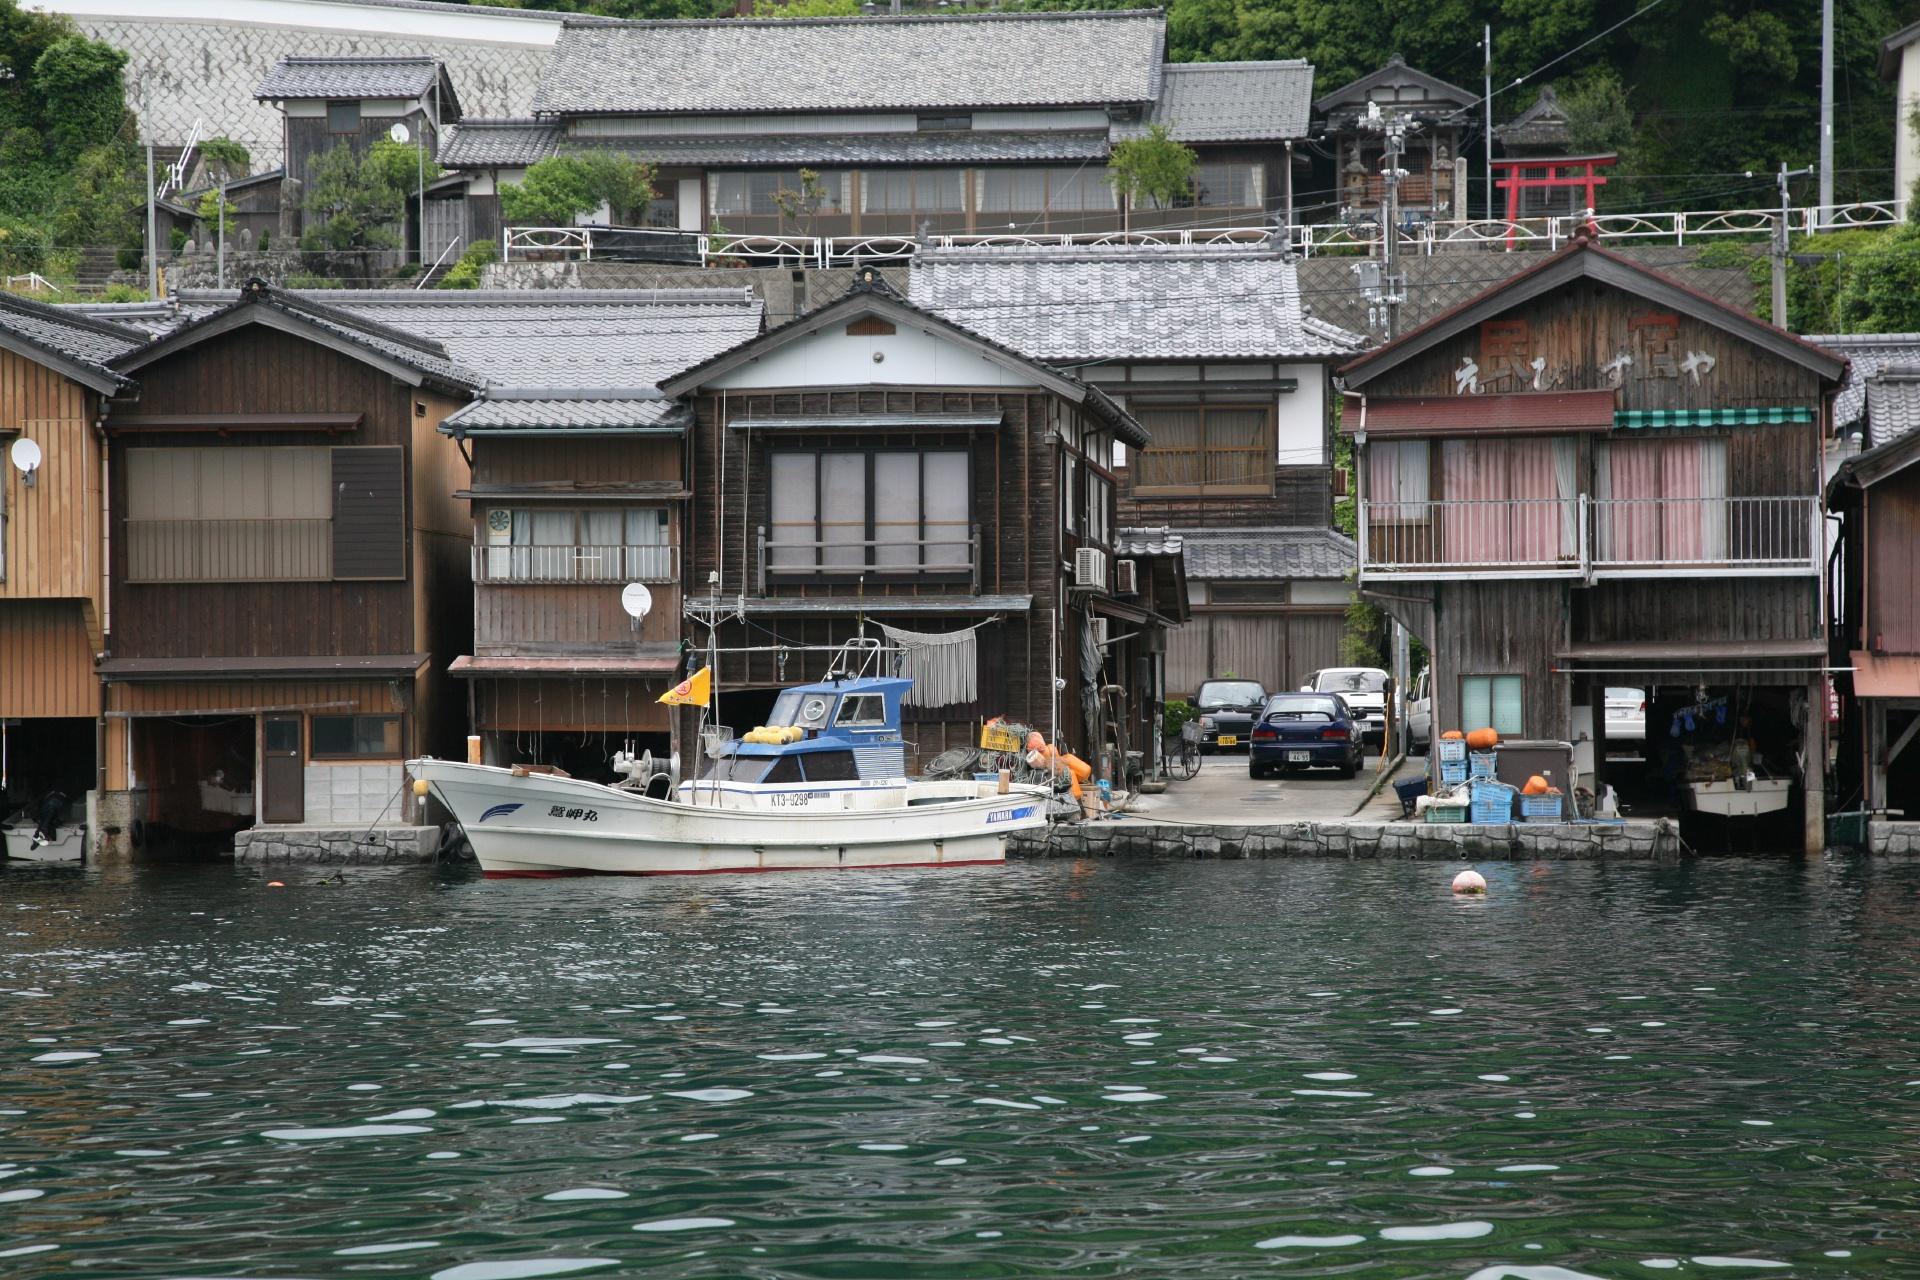 伊根の舟屋の風景 京都の風景